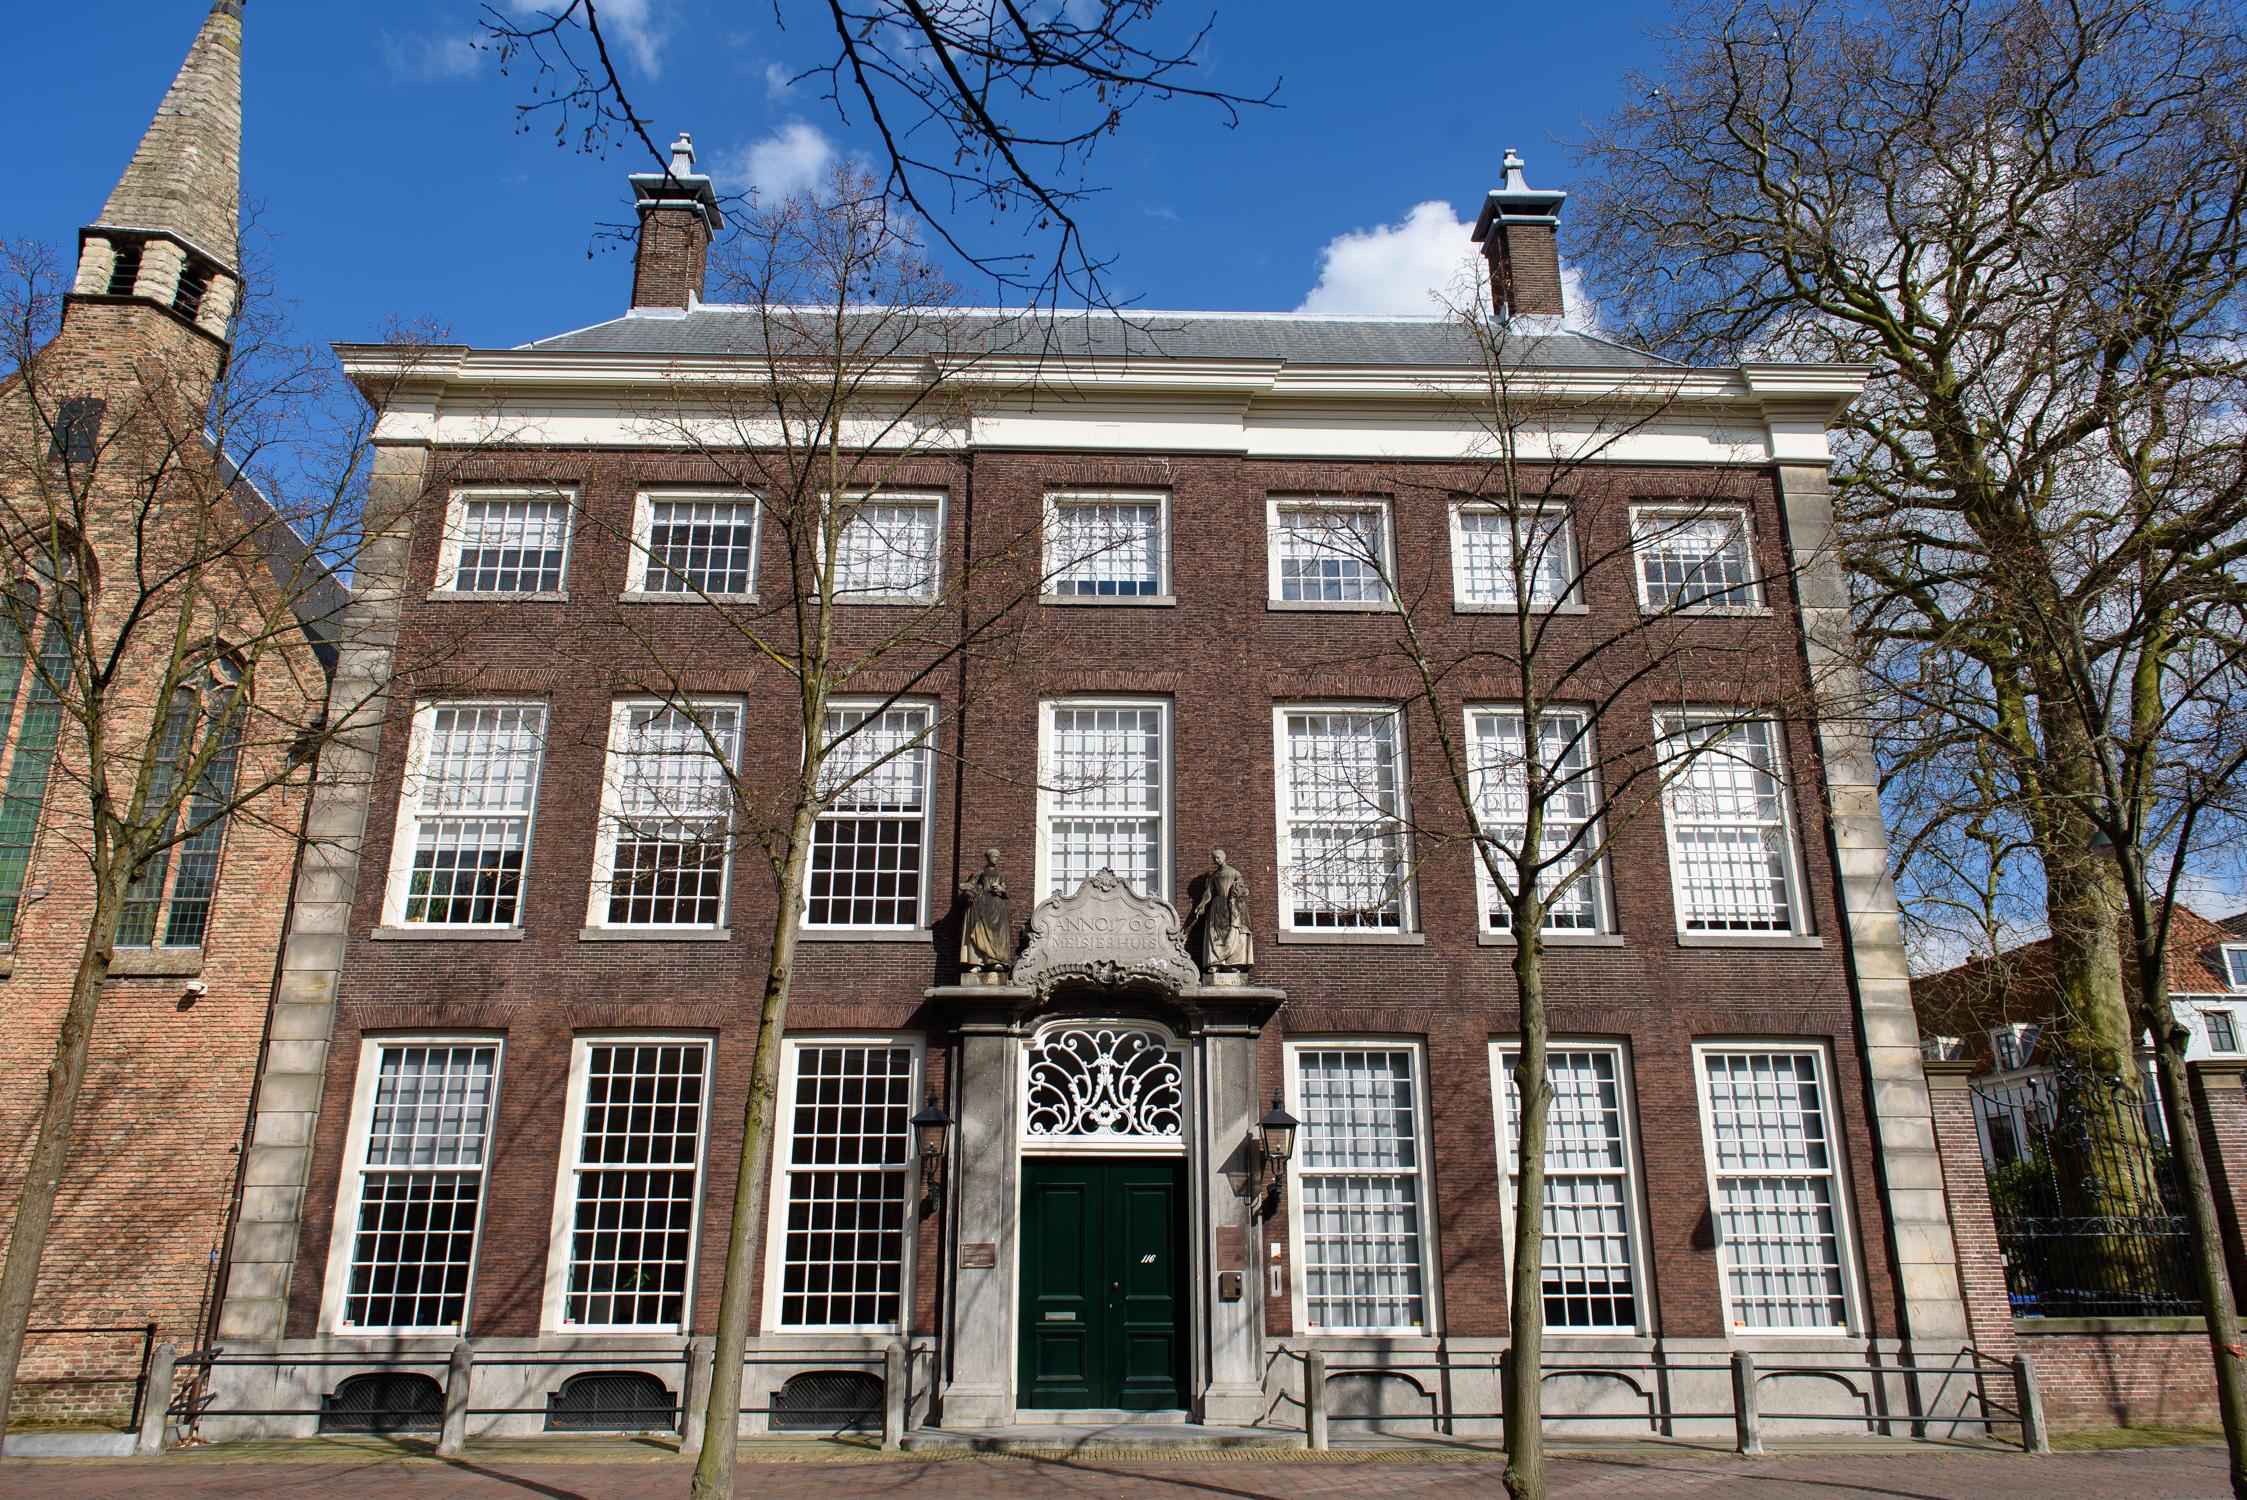 meisjeshuis-erfgoedhuis-zuid-holland